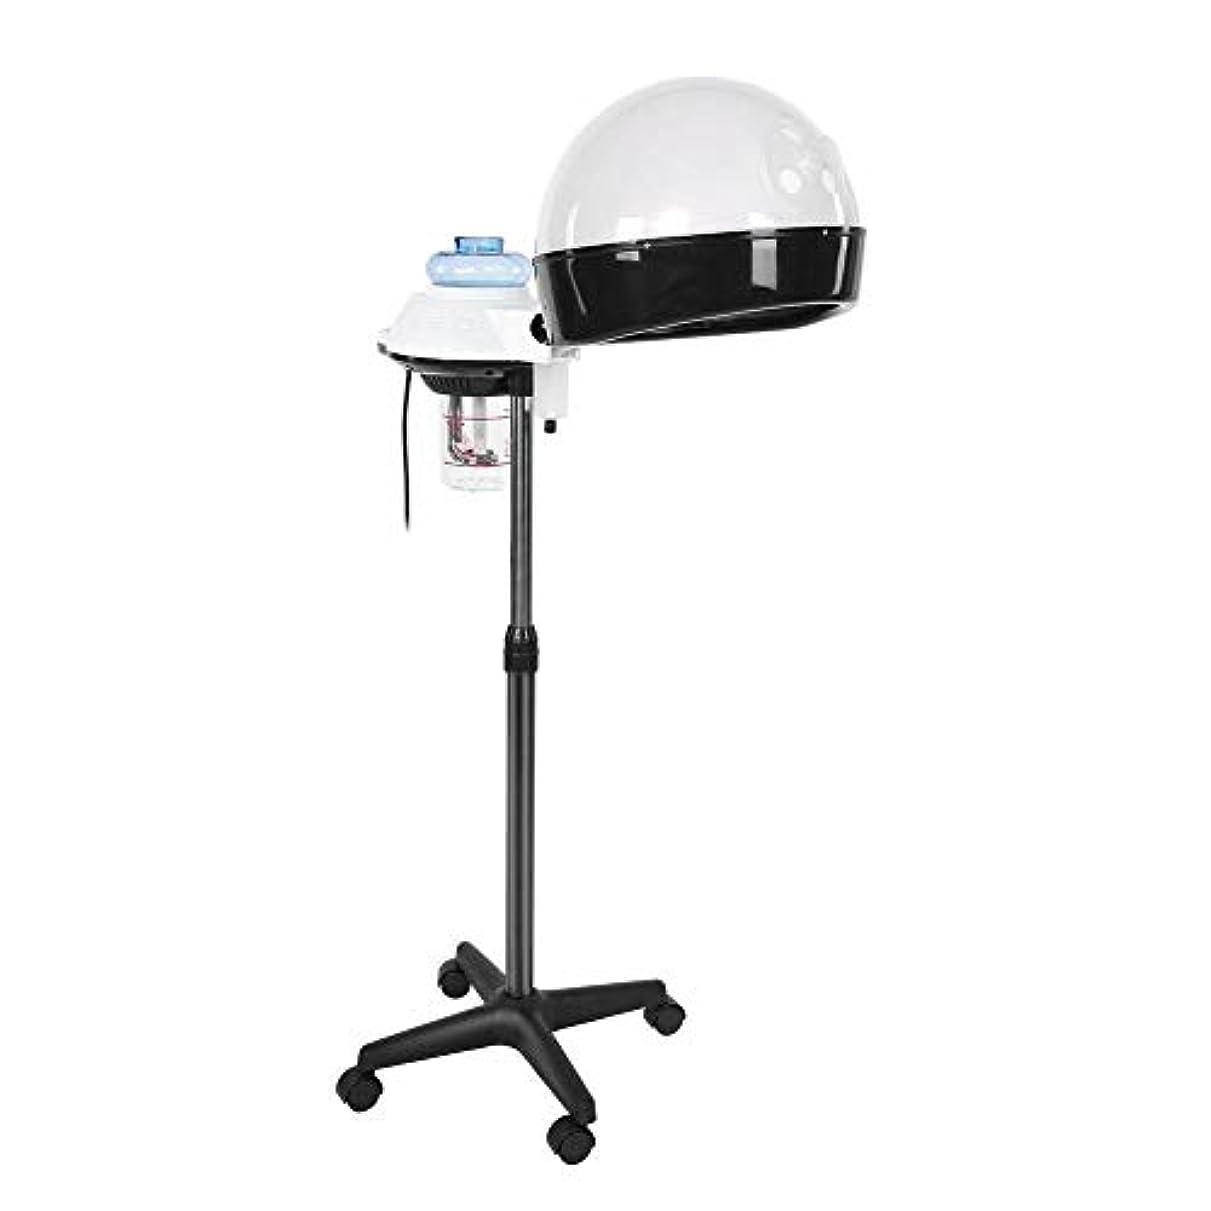 人差し指主人一般的なヘア 加湿器 パーソナルケア用のデザイン ホットミストオゾンヘアセラピー美容機器 個人用家庭用 (US)